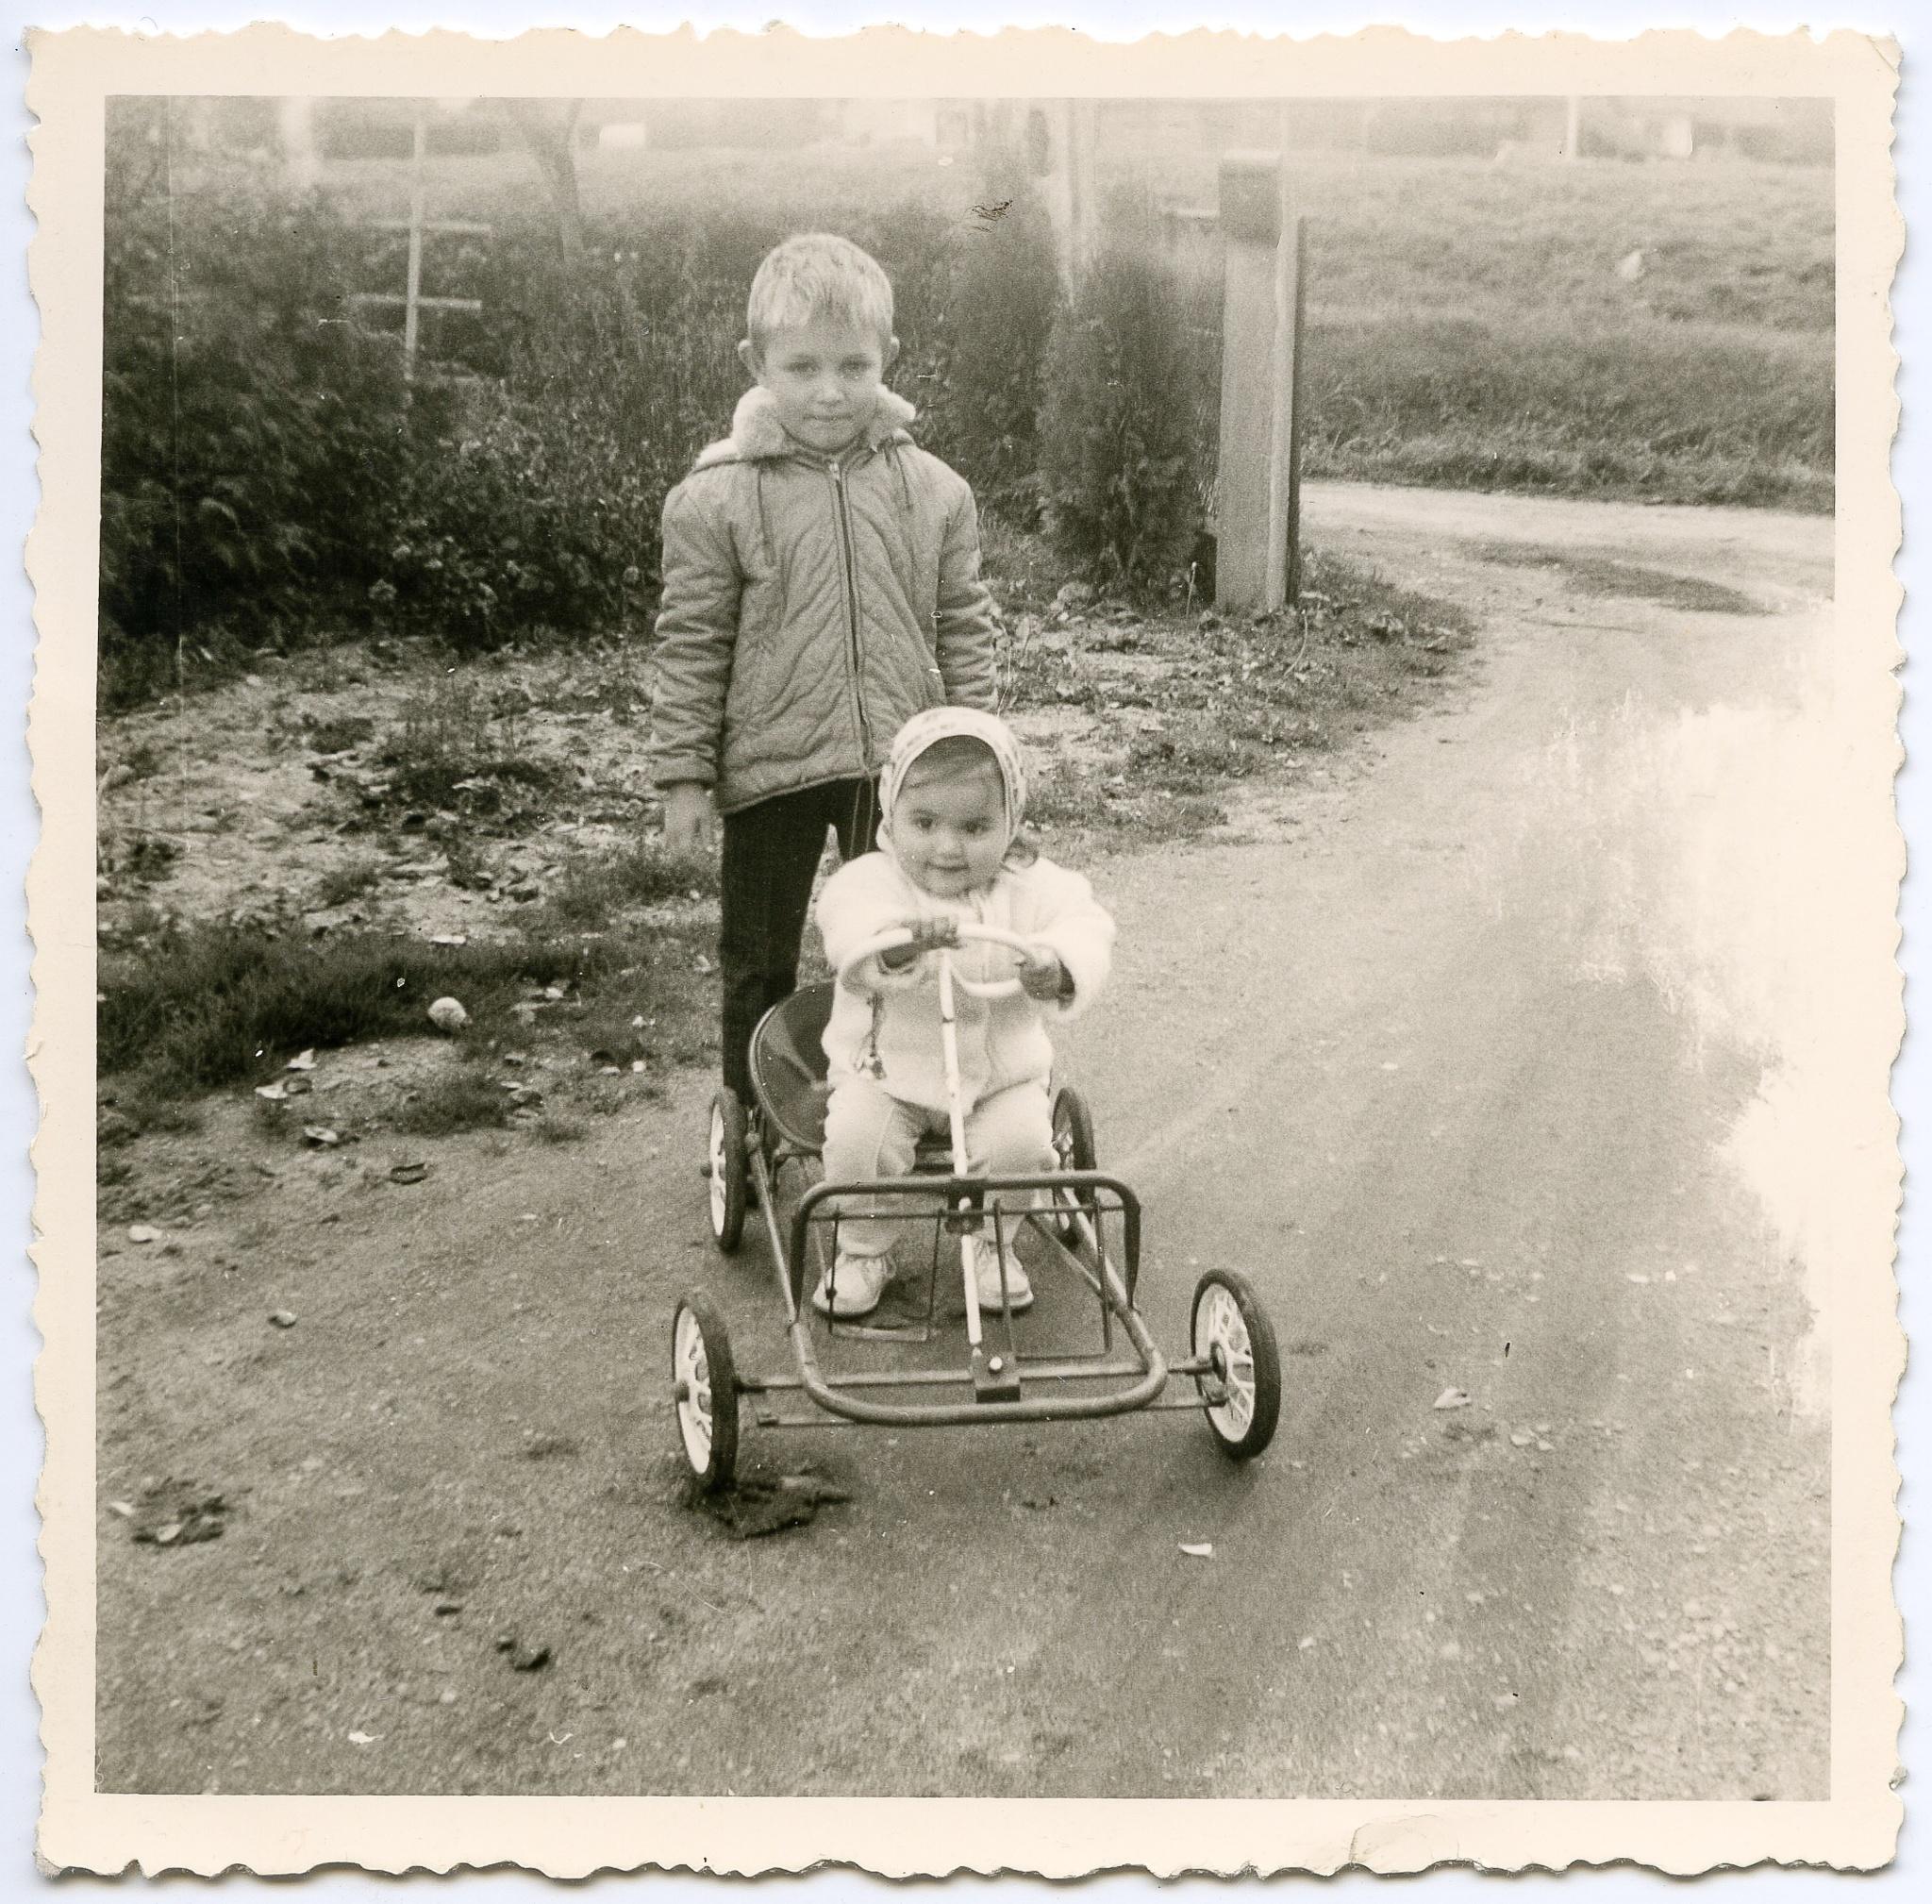 The pedal car, ca 1965 by Martine de Lajudie